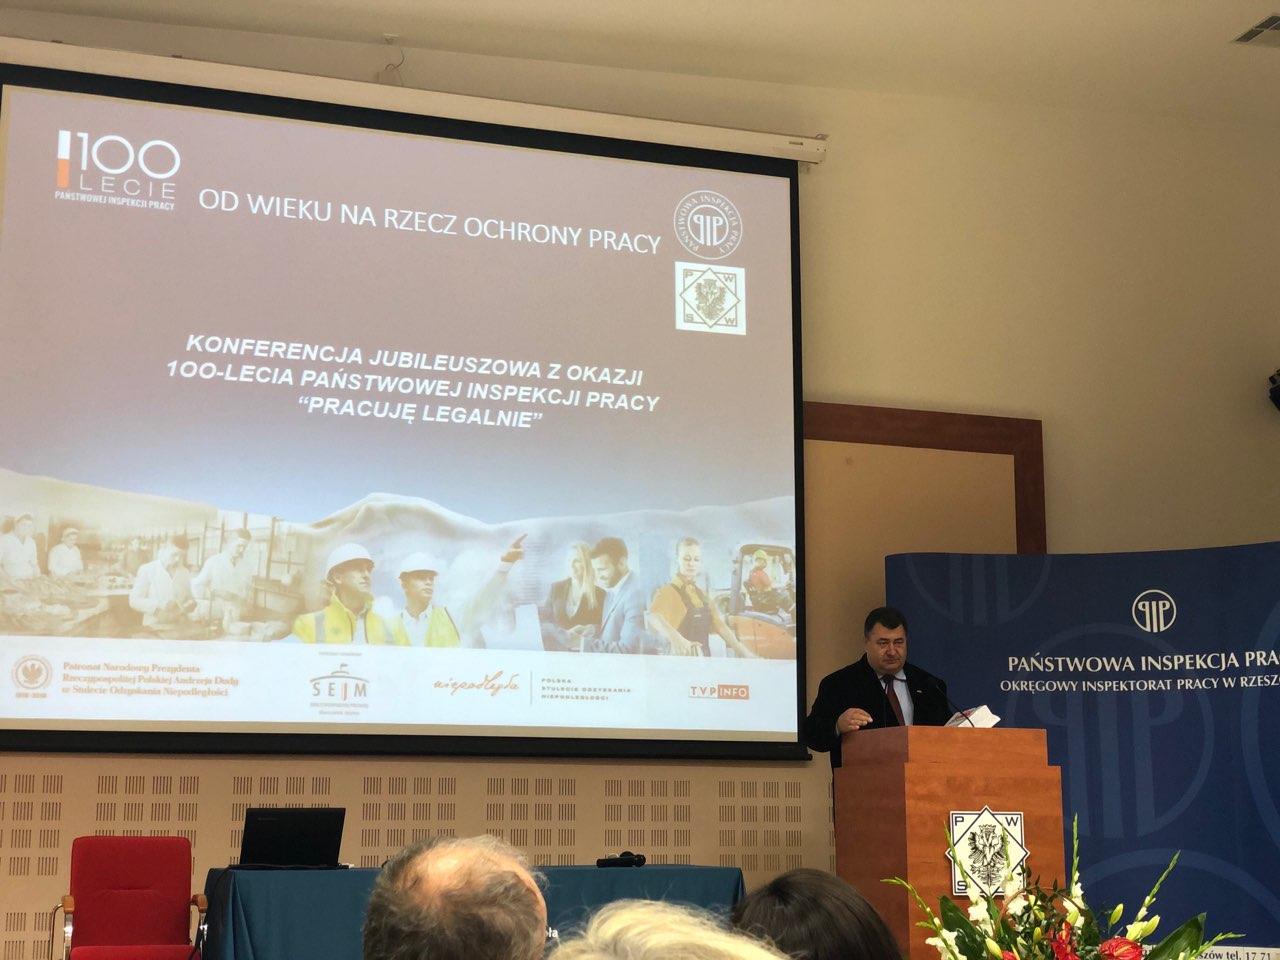 Konferencja Jubileuszowa z okazji 100-lecia Państwowej Inspekcji Pracy w Przemyślu